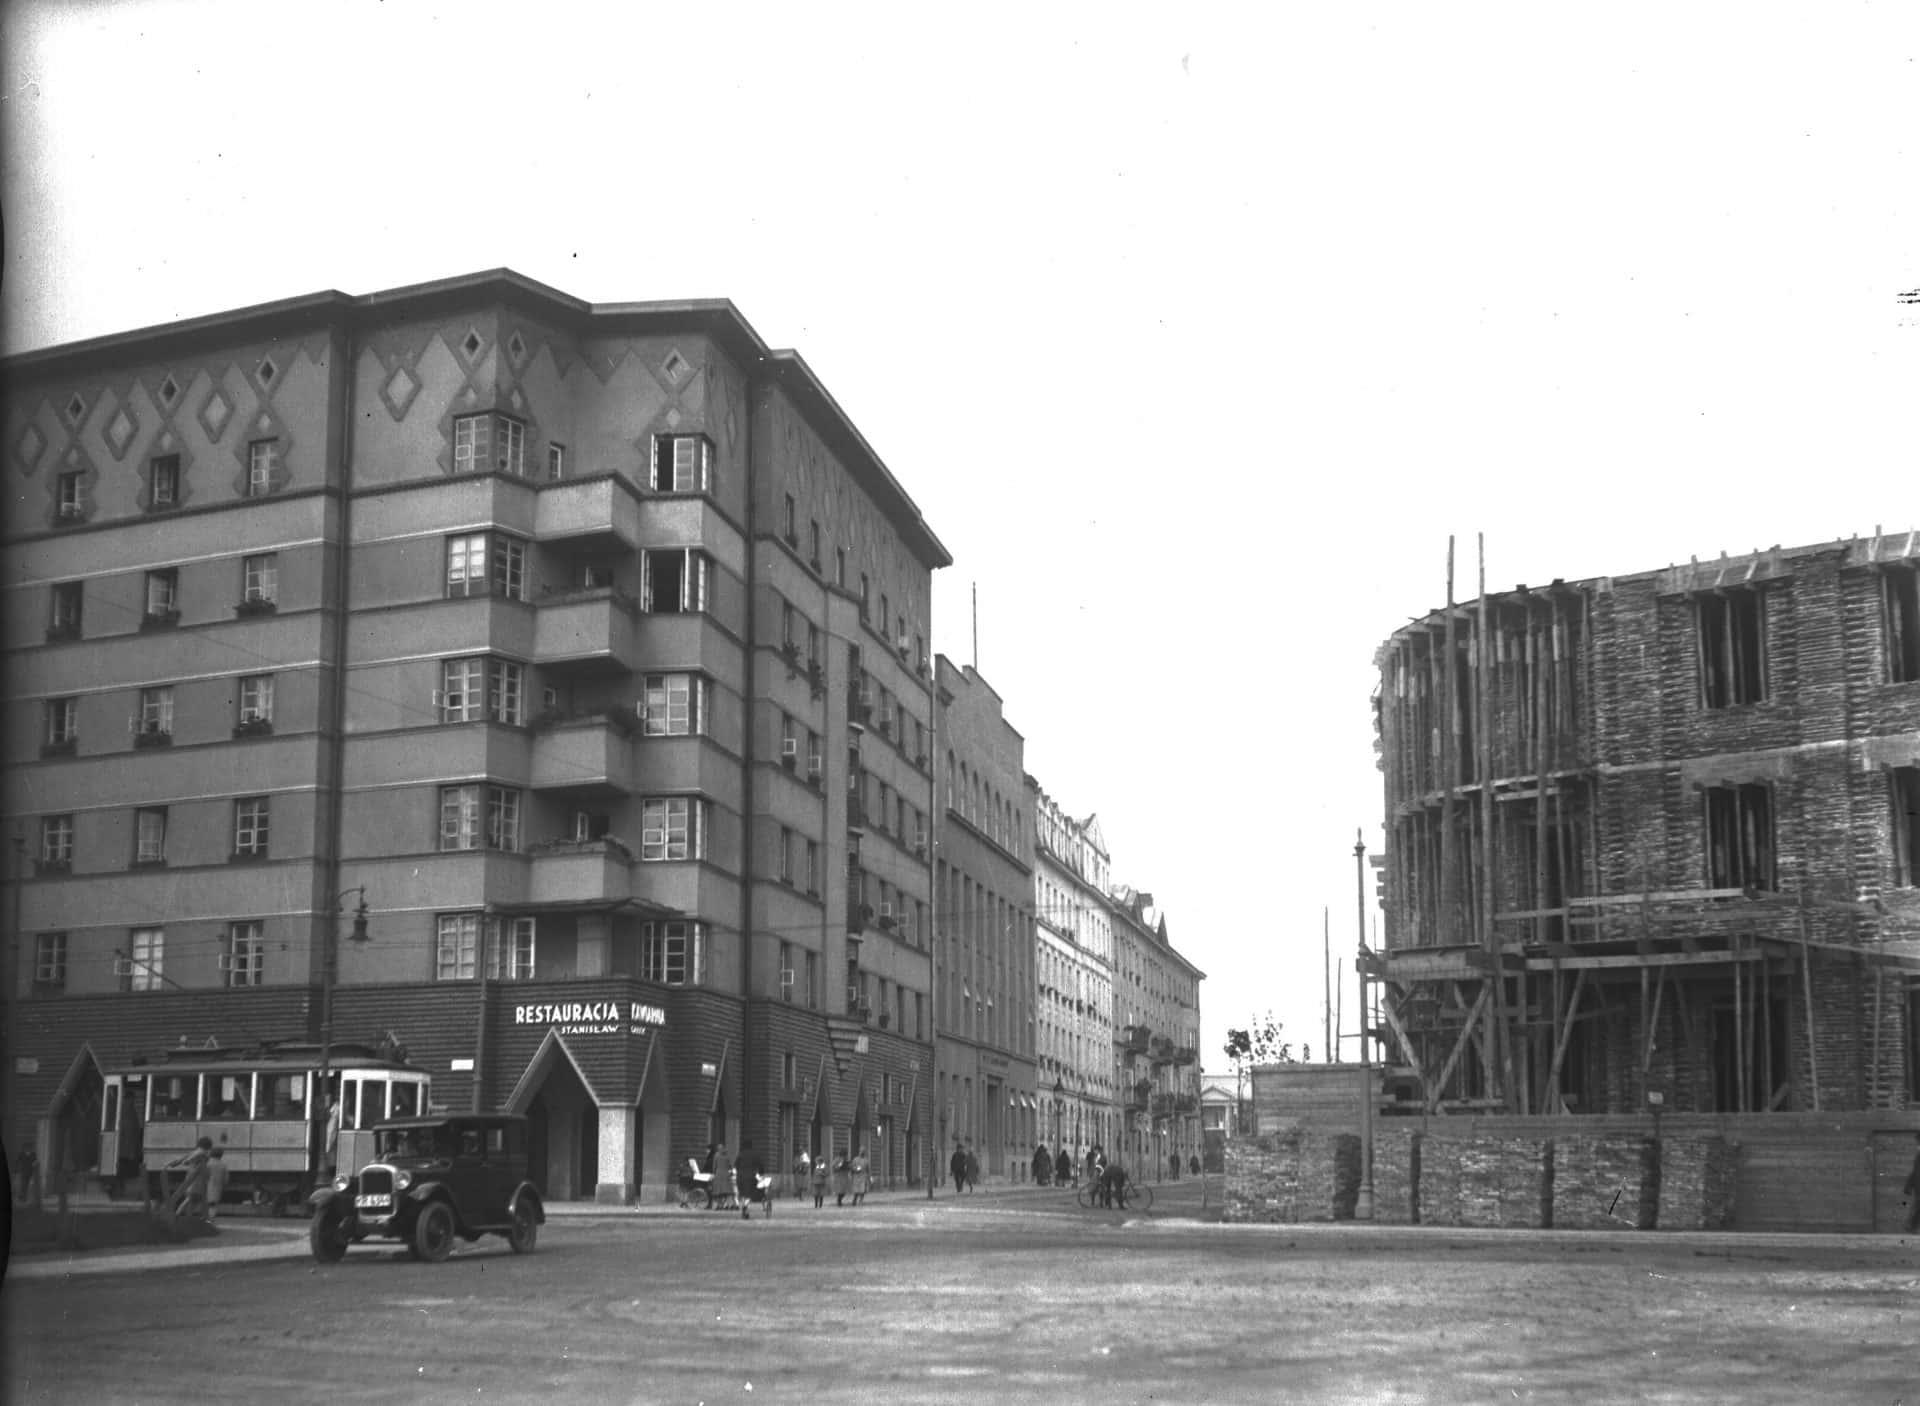 1930 rok. Plac Inwalidów w budowie. Źródło: Narodowe Archiwum Cyfrowe.